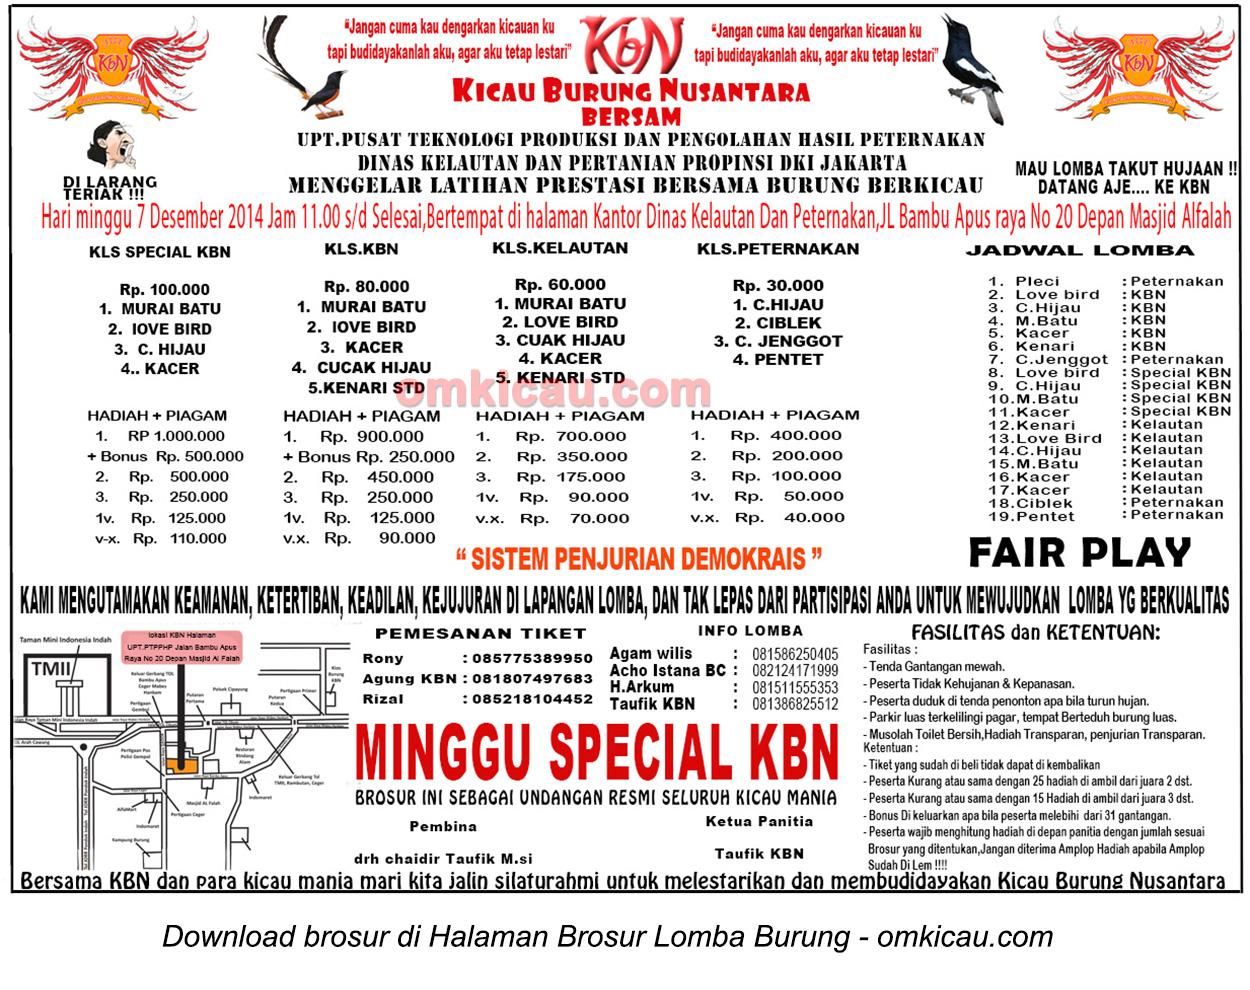 Brosur Latpres Minggu Special KBN, Jakarta, 7 Desember 2014